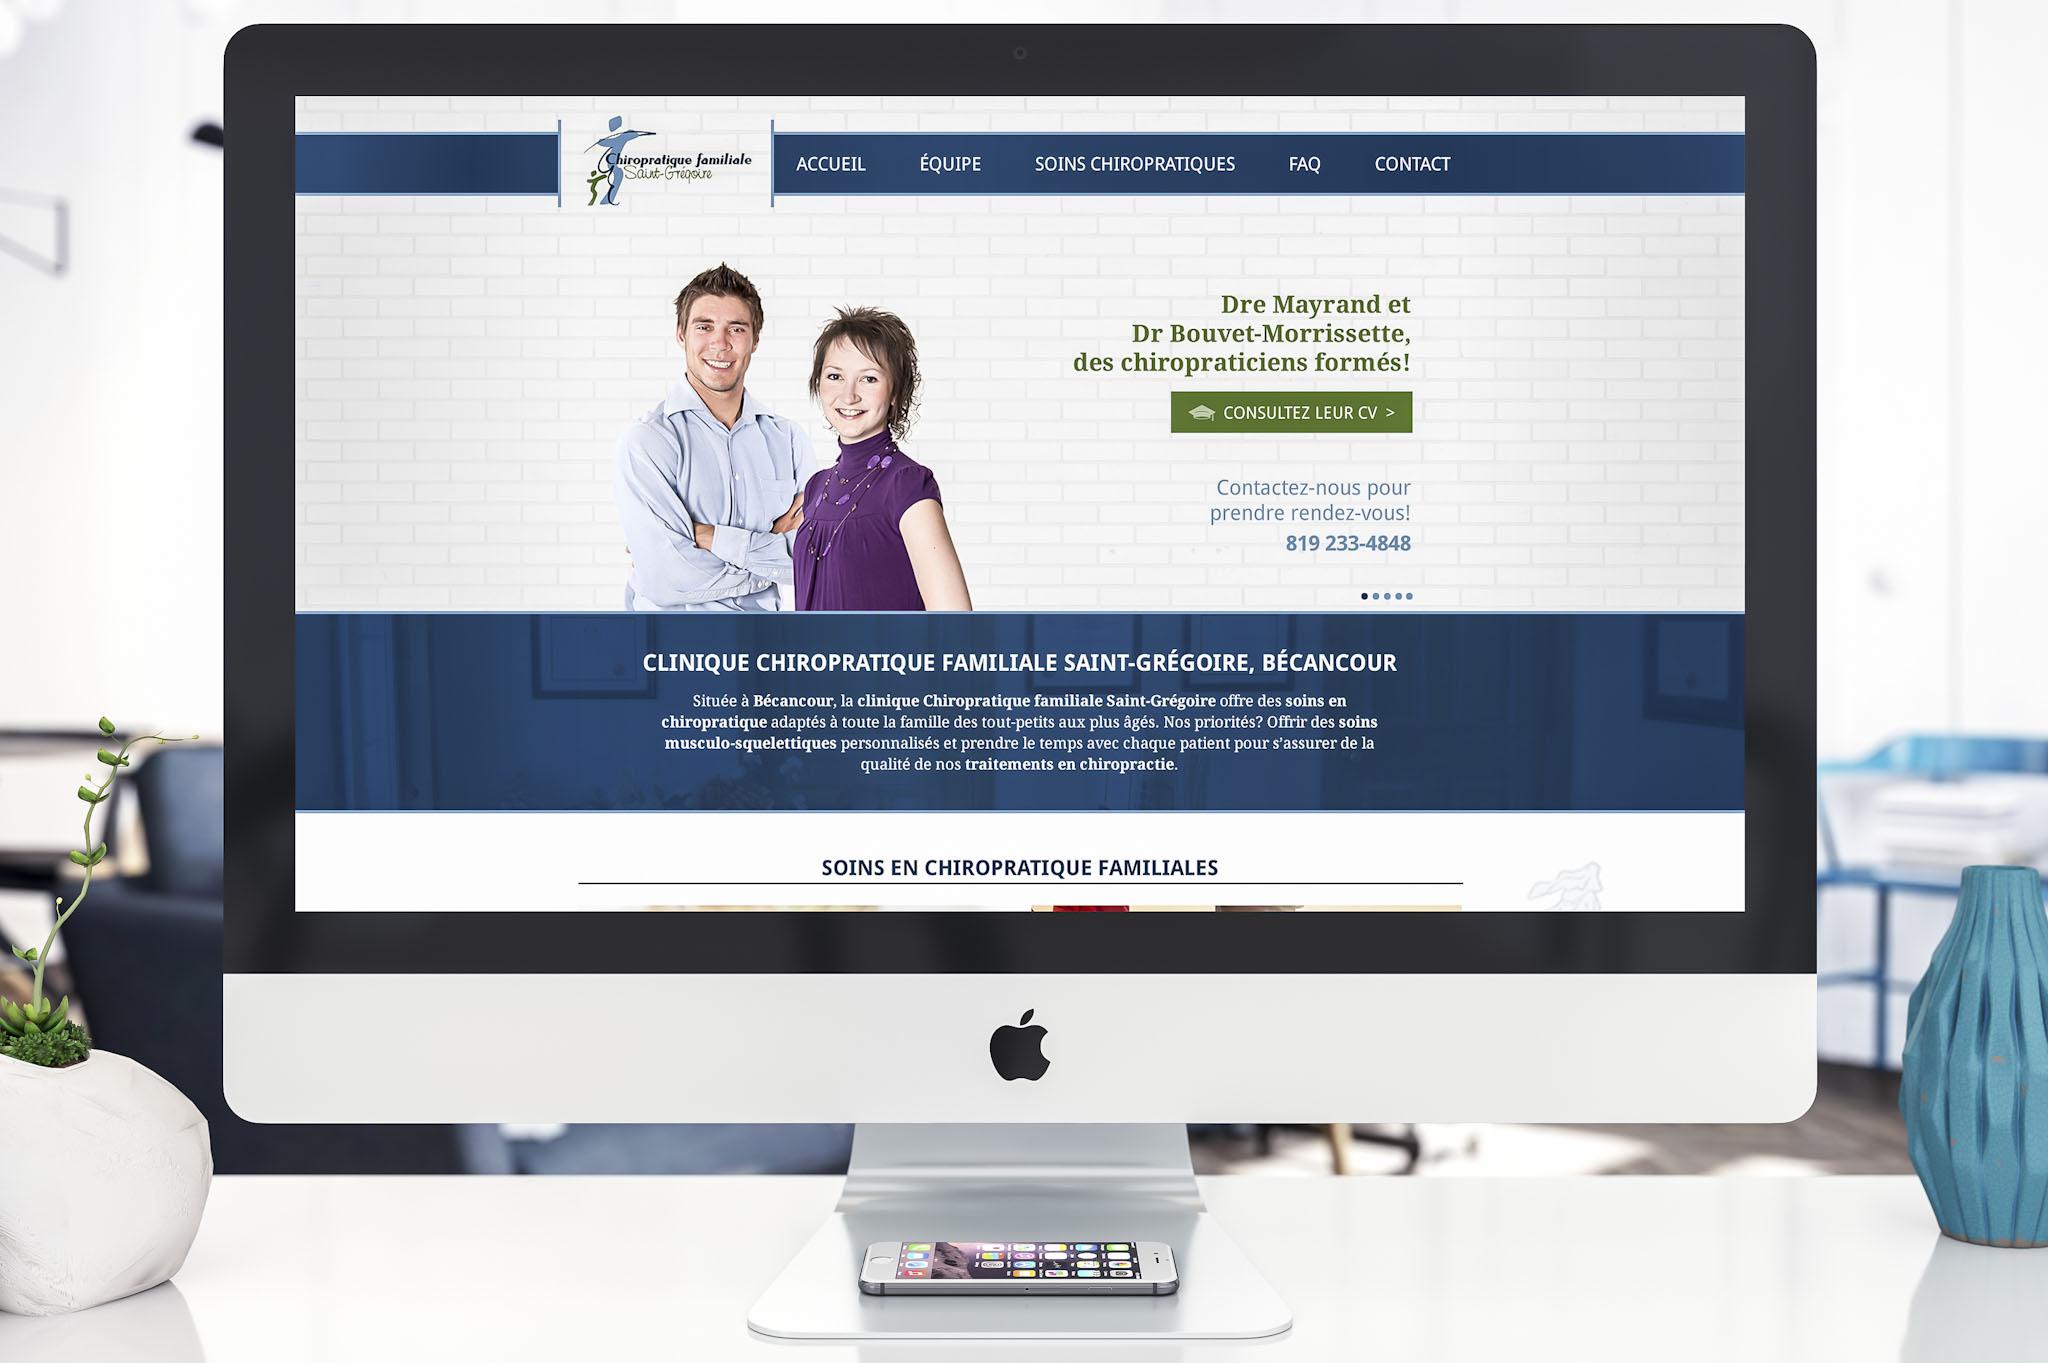 Site Web - Chiropratique familiale St-Grégoire